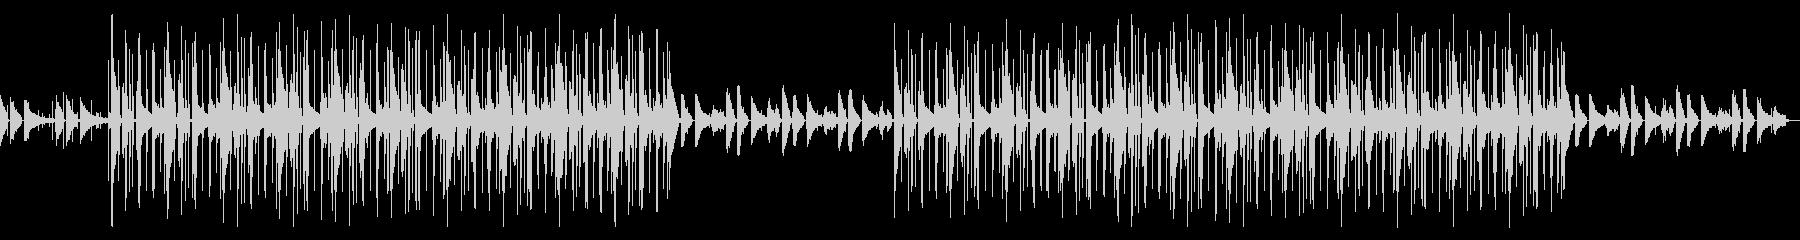 おしゃれなピアノlofi Hip Hopの未再生の波形